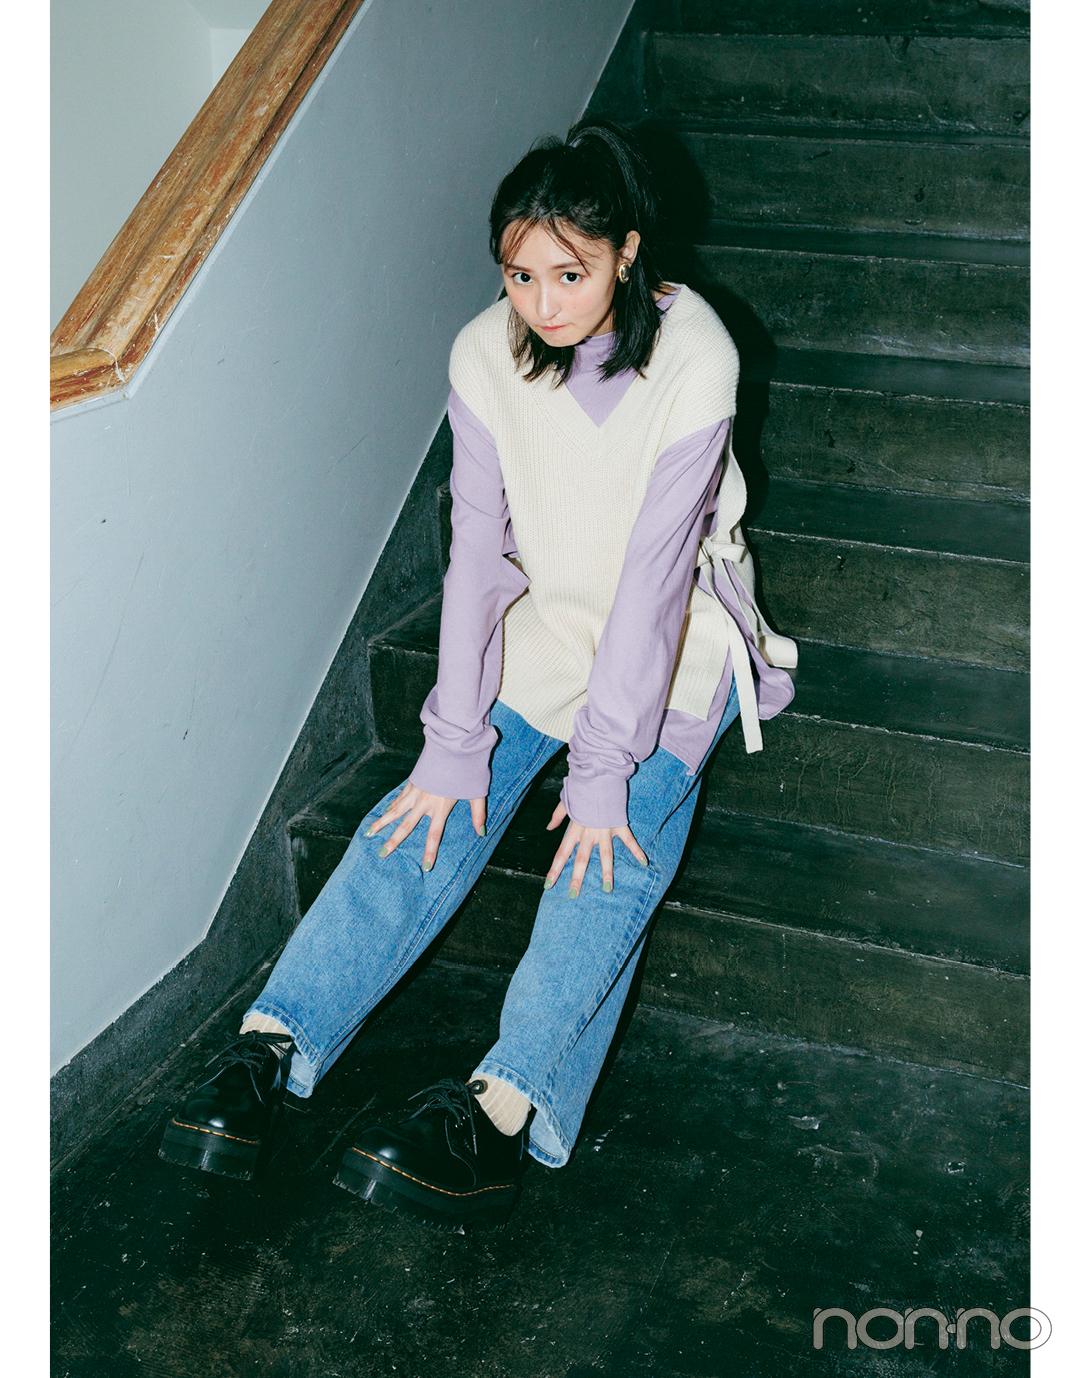 三女・遠藤さくらは「ハイウエストストレート」で今っぽスウィートに①【坂道3姉妹のデニム】_1_5